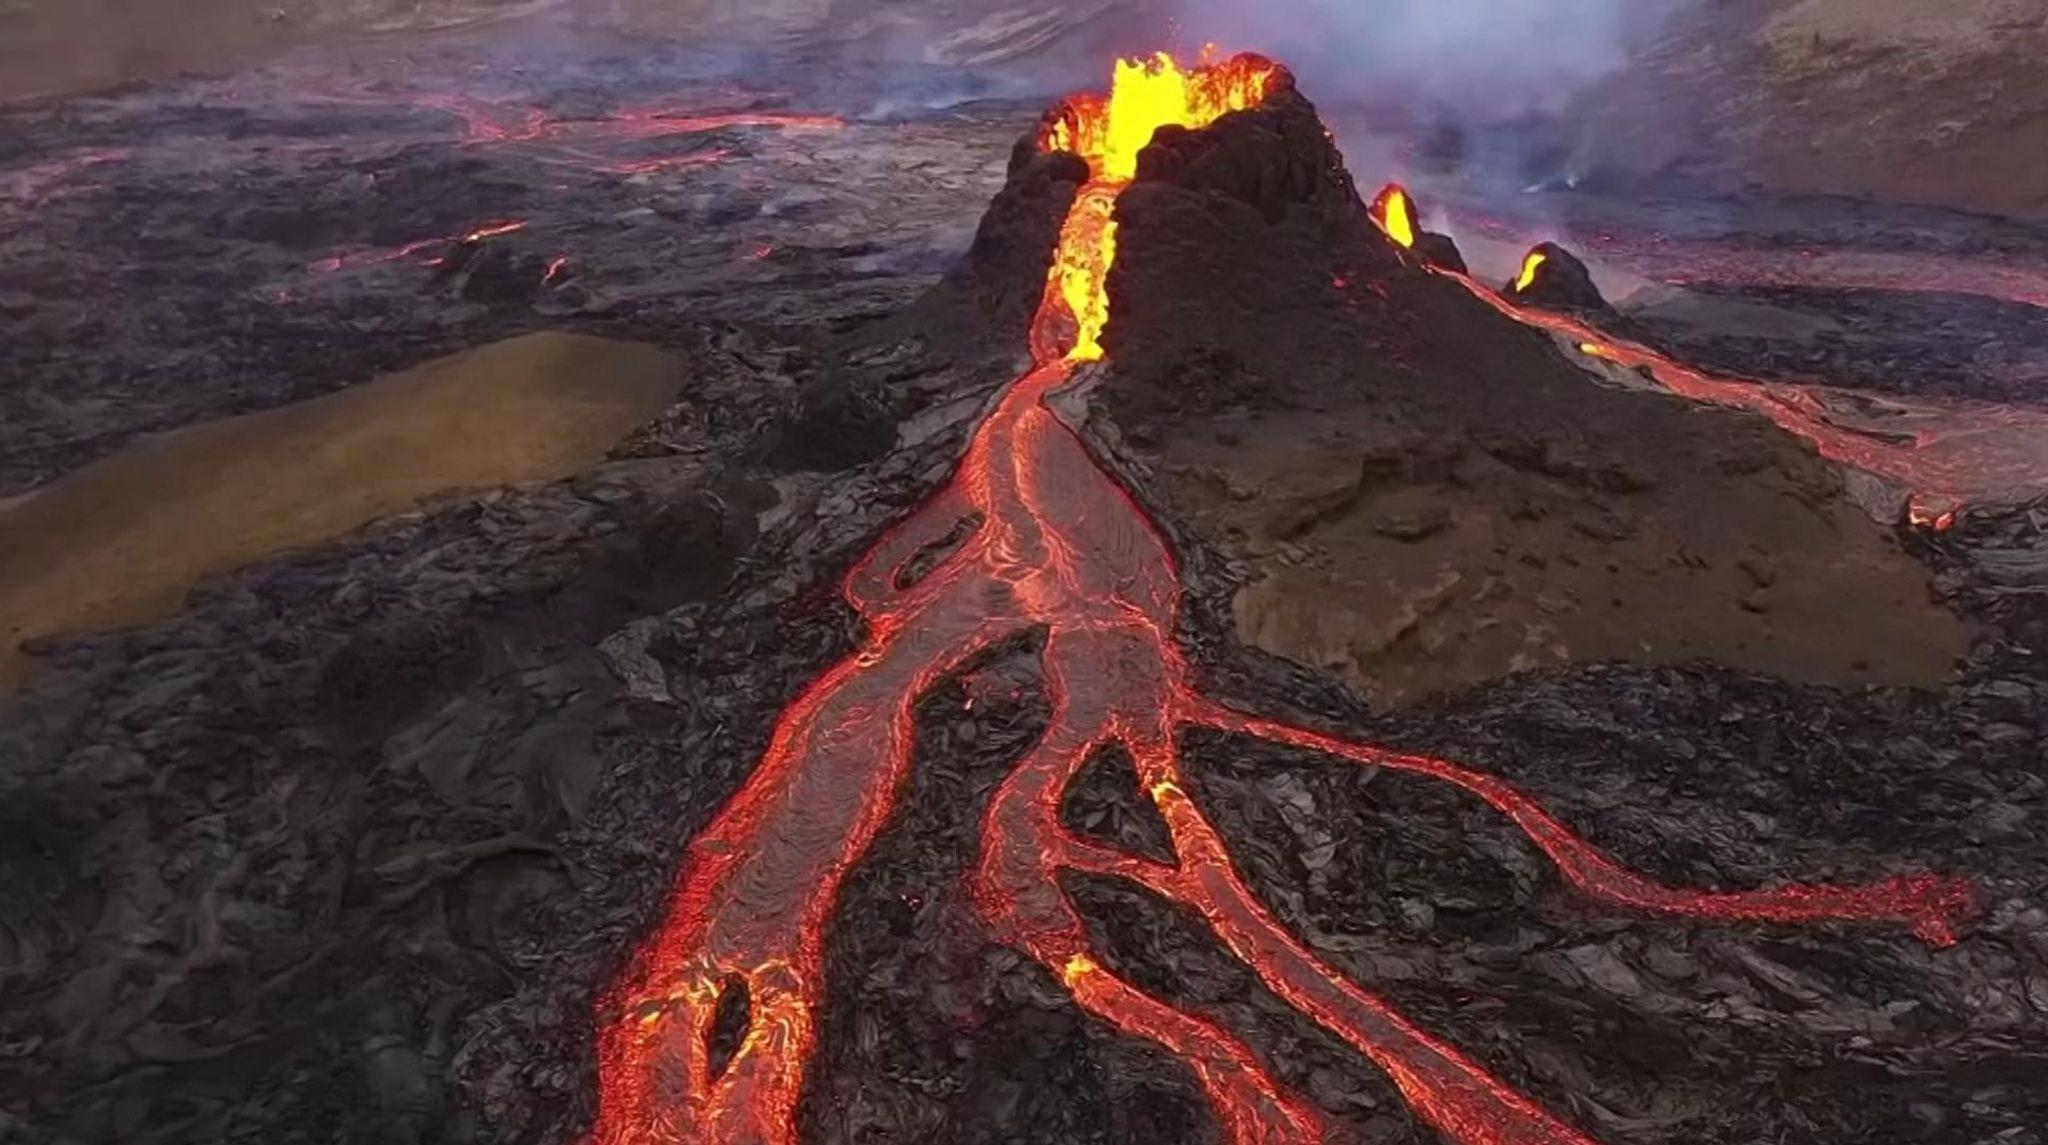 وصول بركان لا بالما الإسكندرية وآخر الأخبار/ فيديو